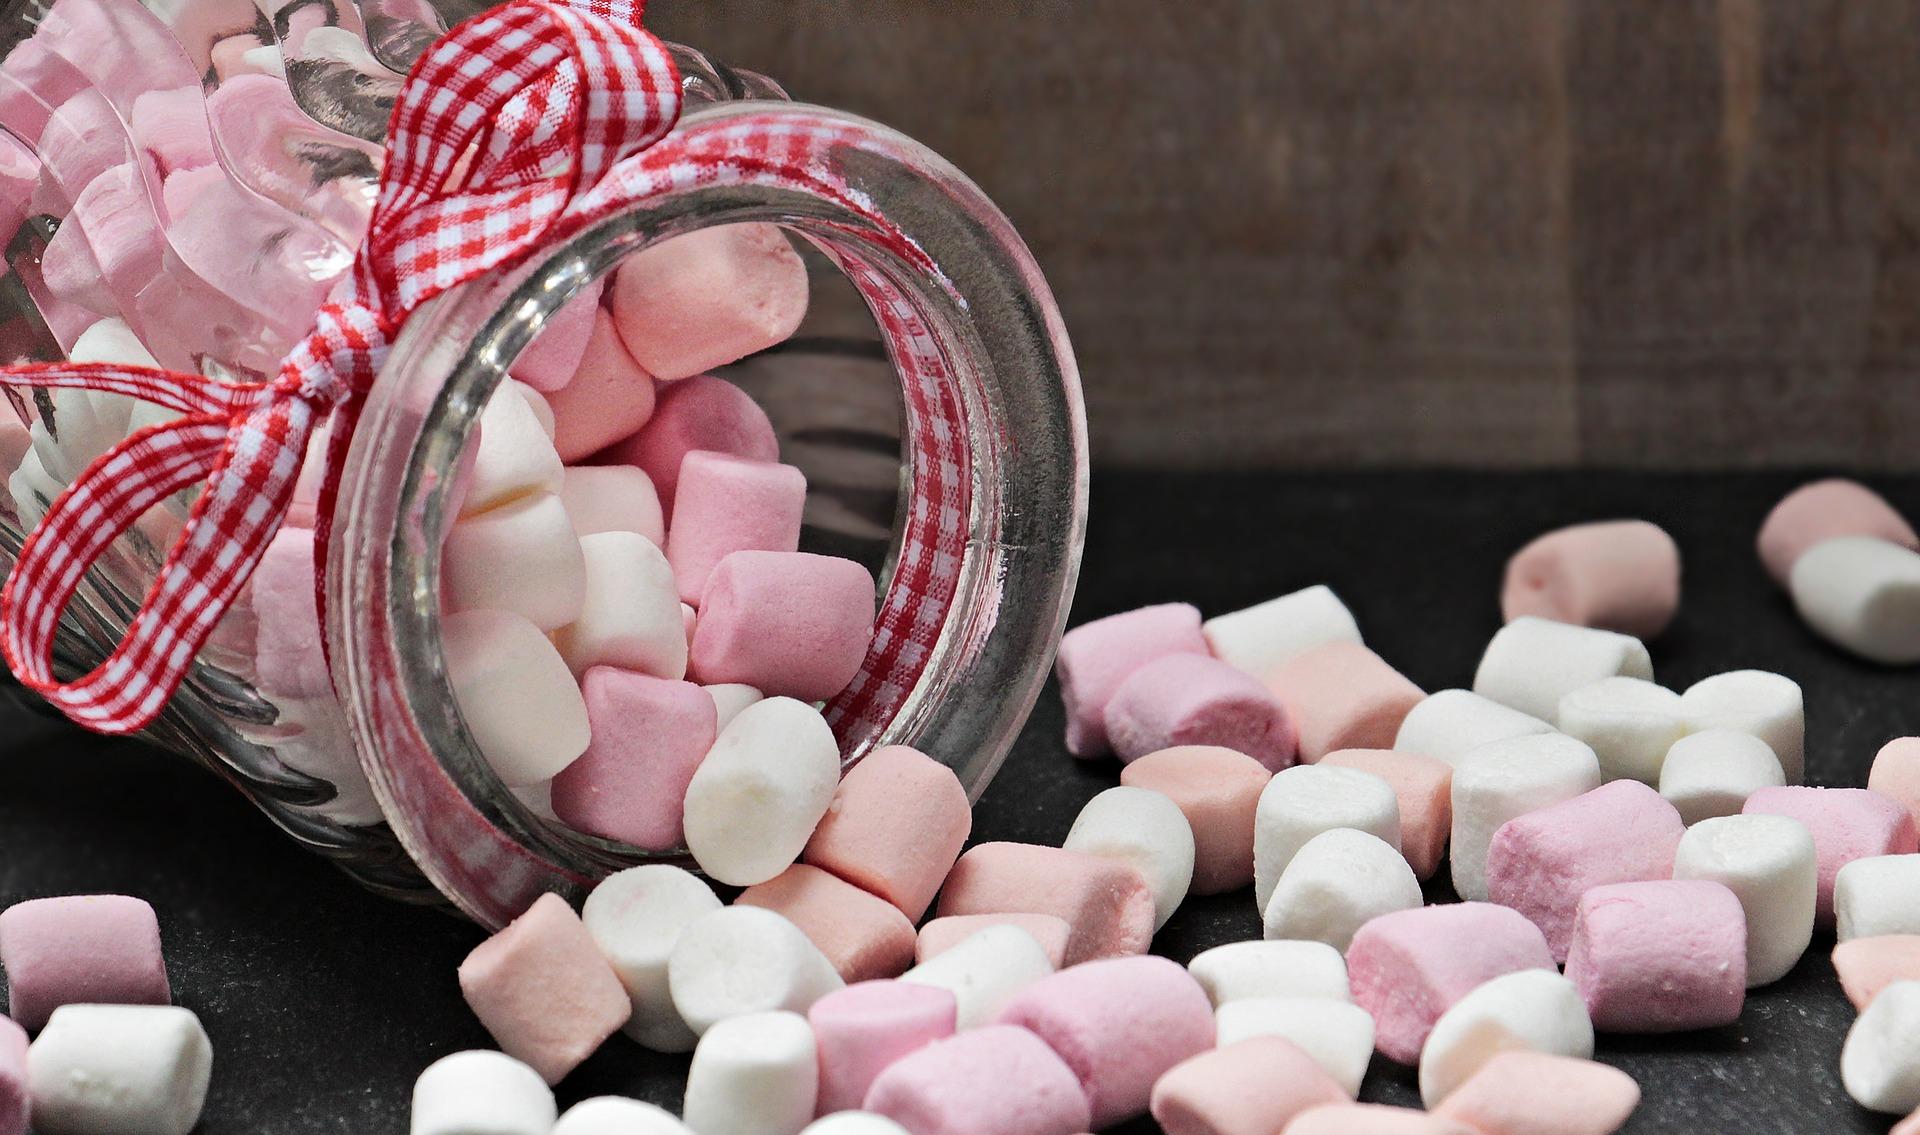 Słodka, różowa pianka czyli test samokontroli